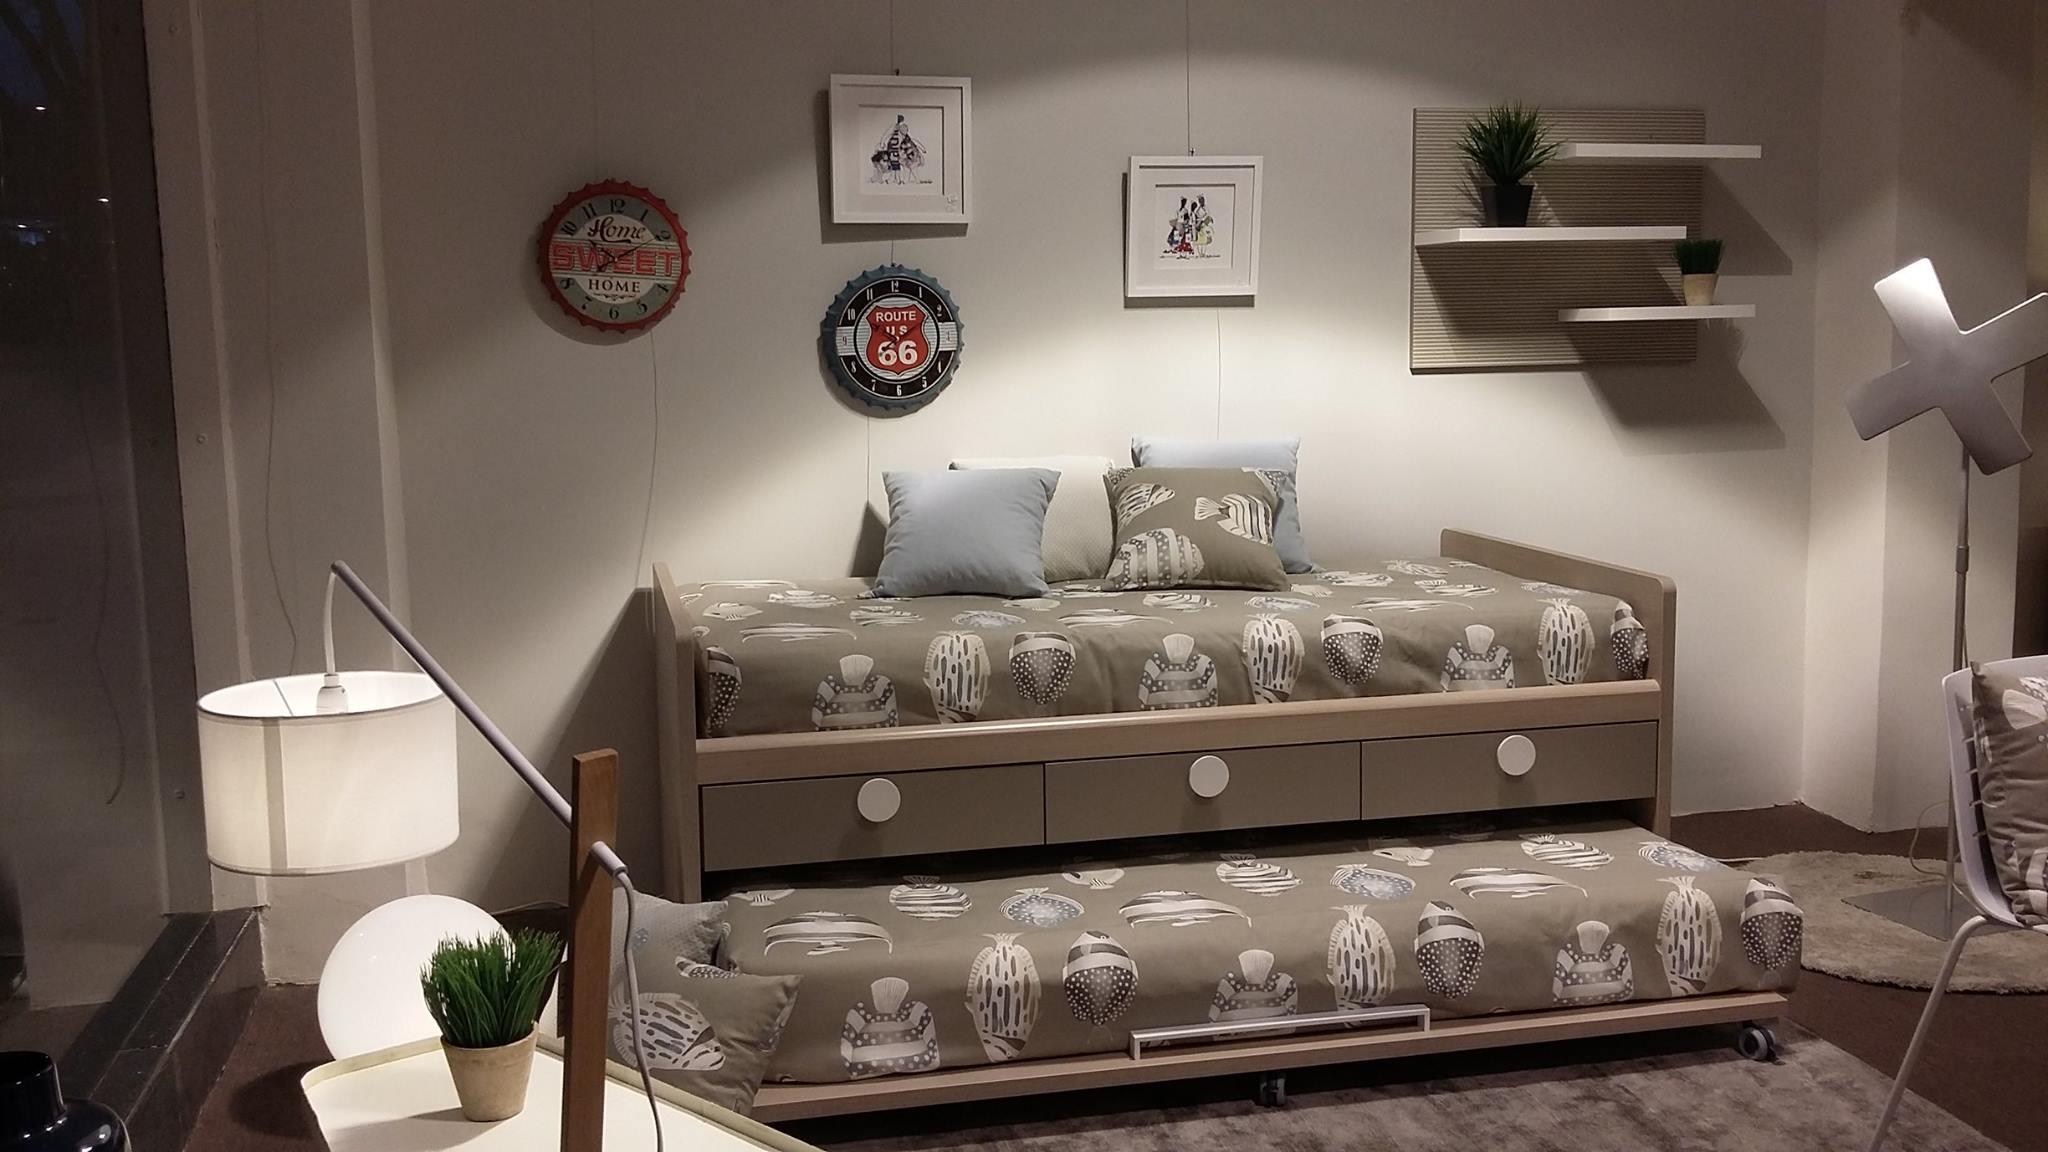 Muebles bidasoa en irun vende dormitorios juveniles for Muebles dormitorio modernos